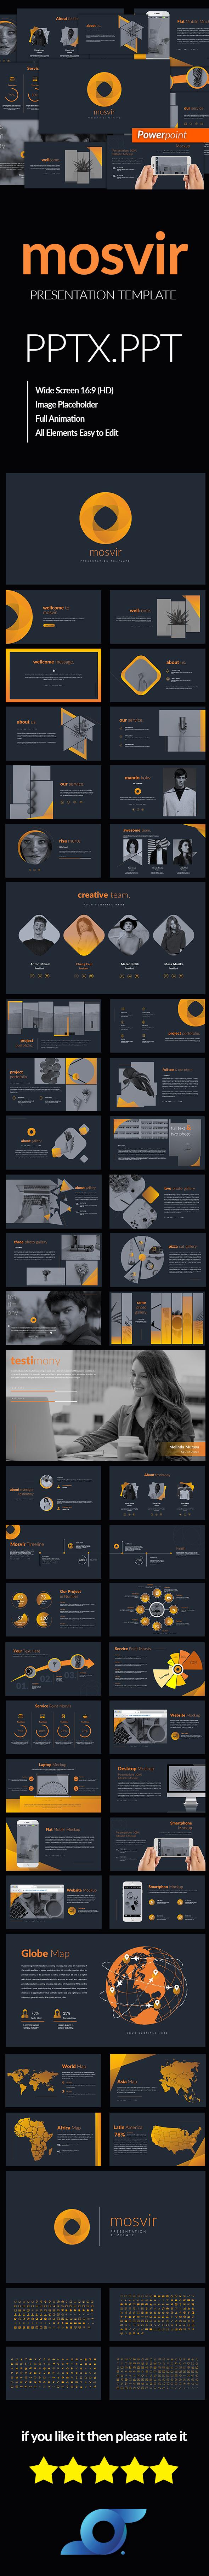 Mosvir Business Template - Business PowerPoint Templates